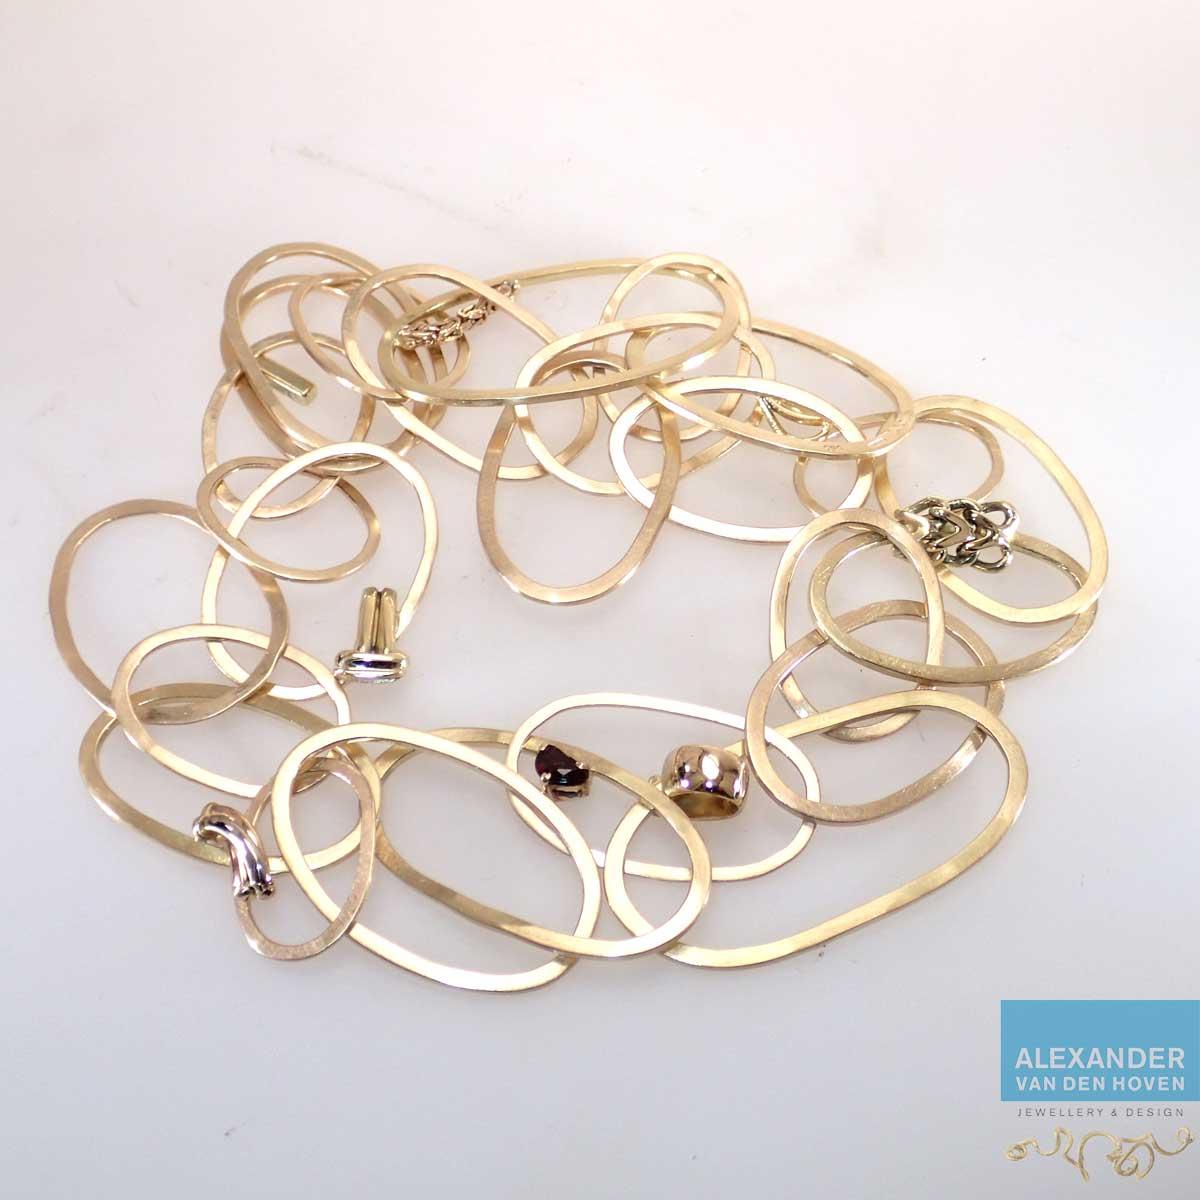 Matgouden collier gemaakt van oude sieraden met kleine delen van de sieraden nog herkenbaar aan de schakels